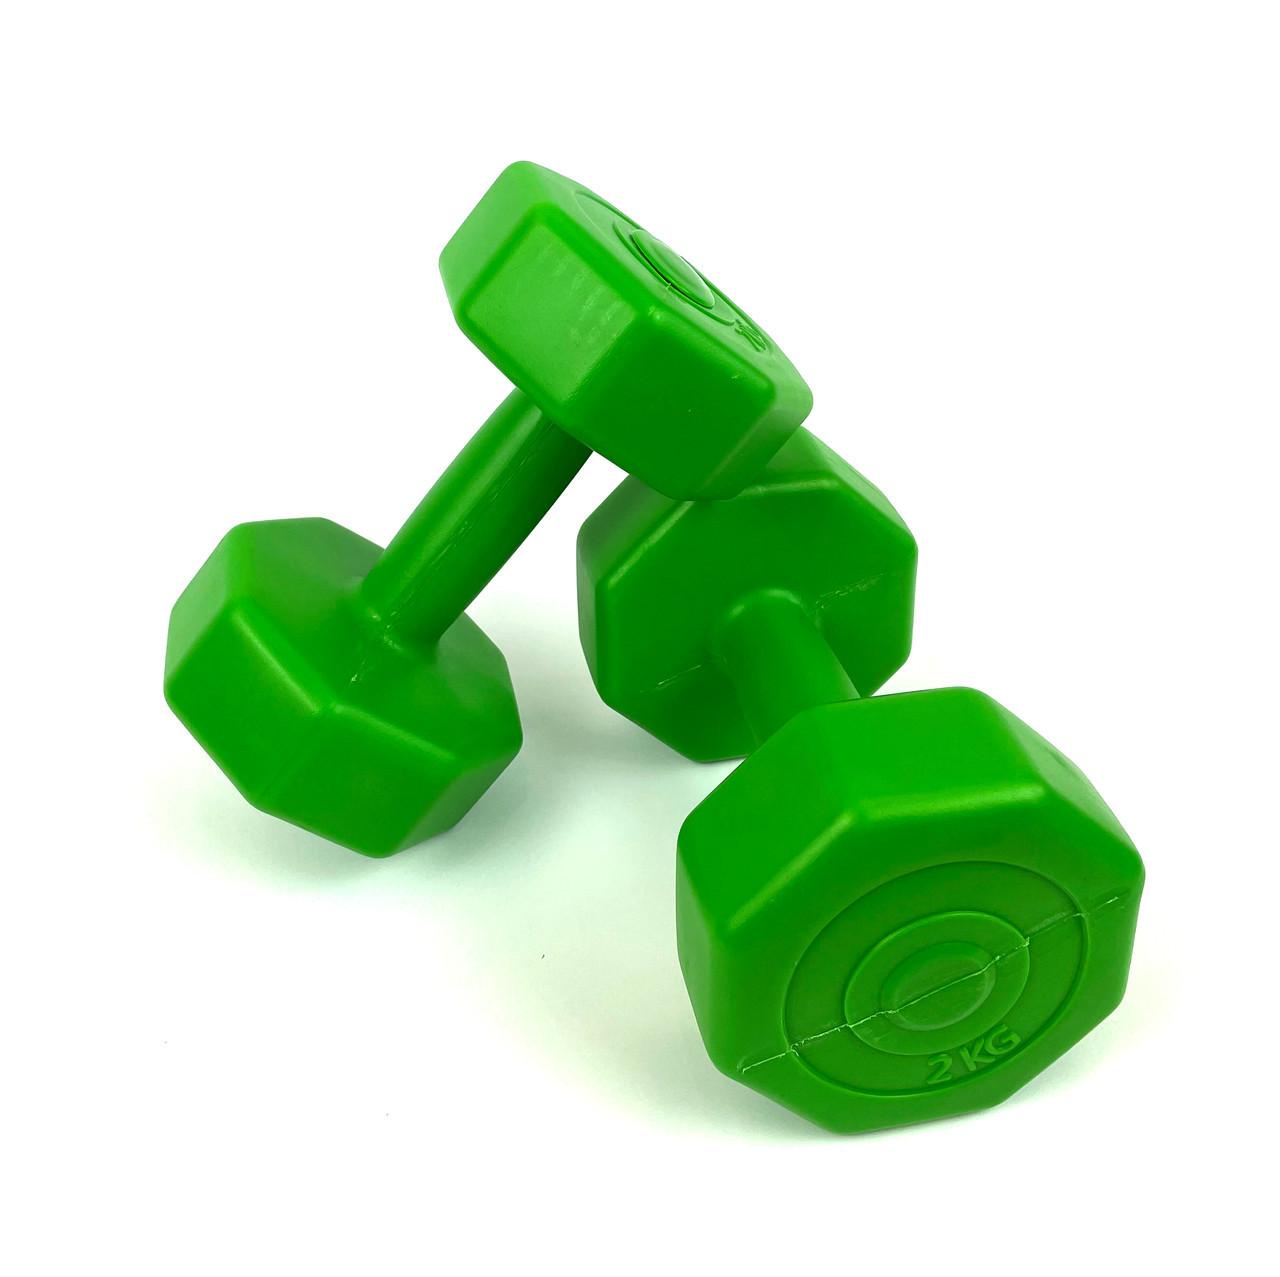 Гантели для фитнеса 2 шт. по 2 кг. , композит с пластиковым покрытием (зеленый)